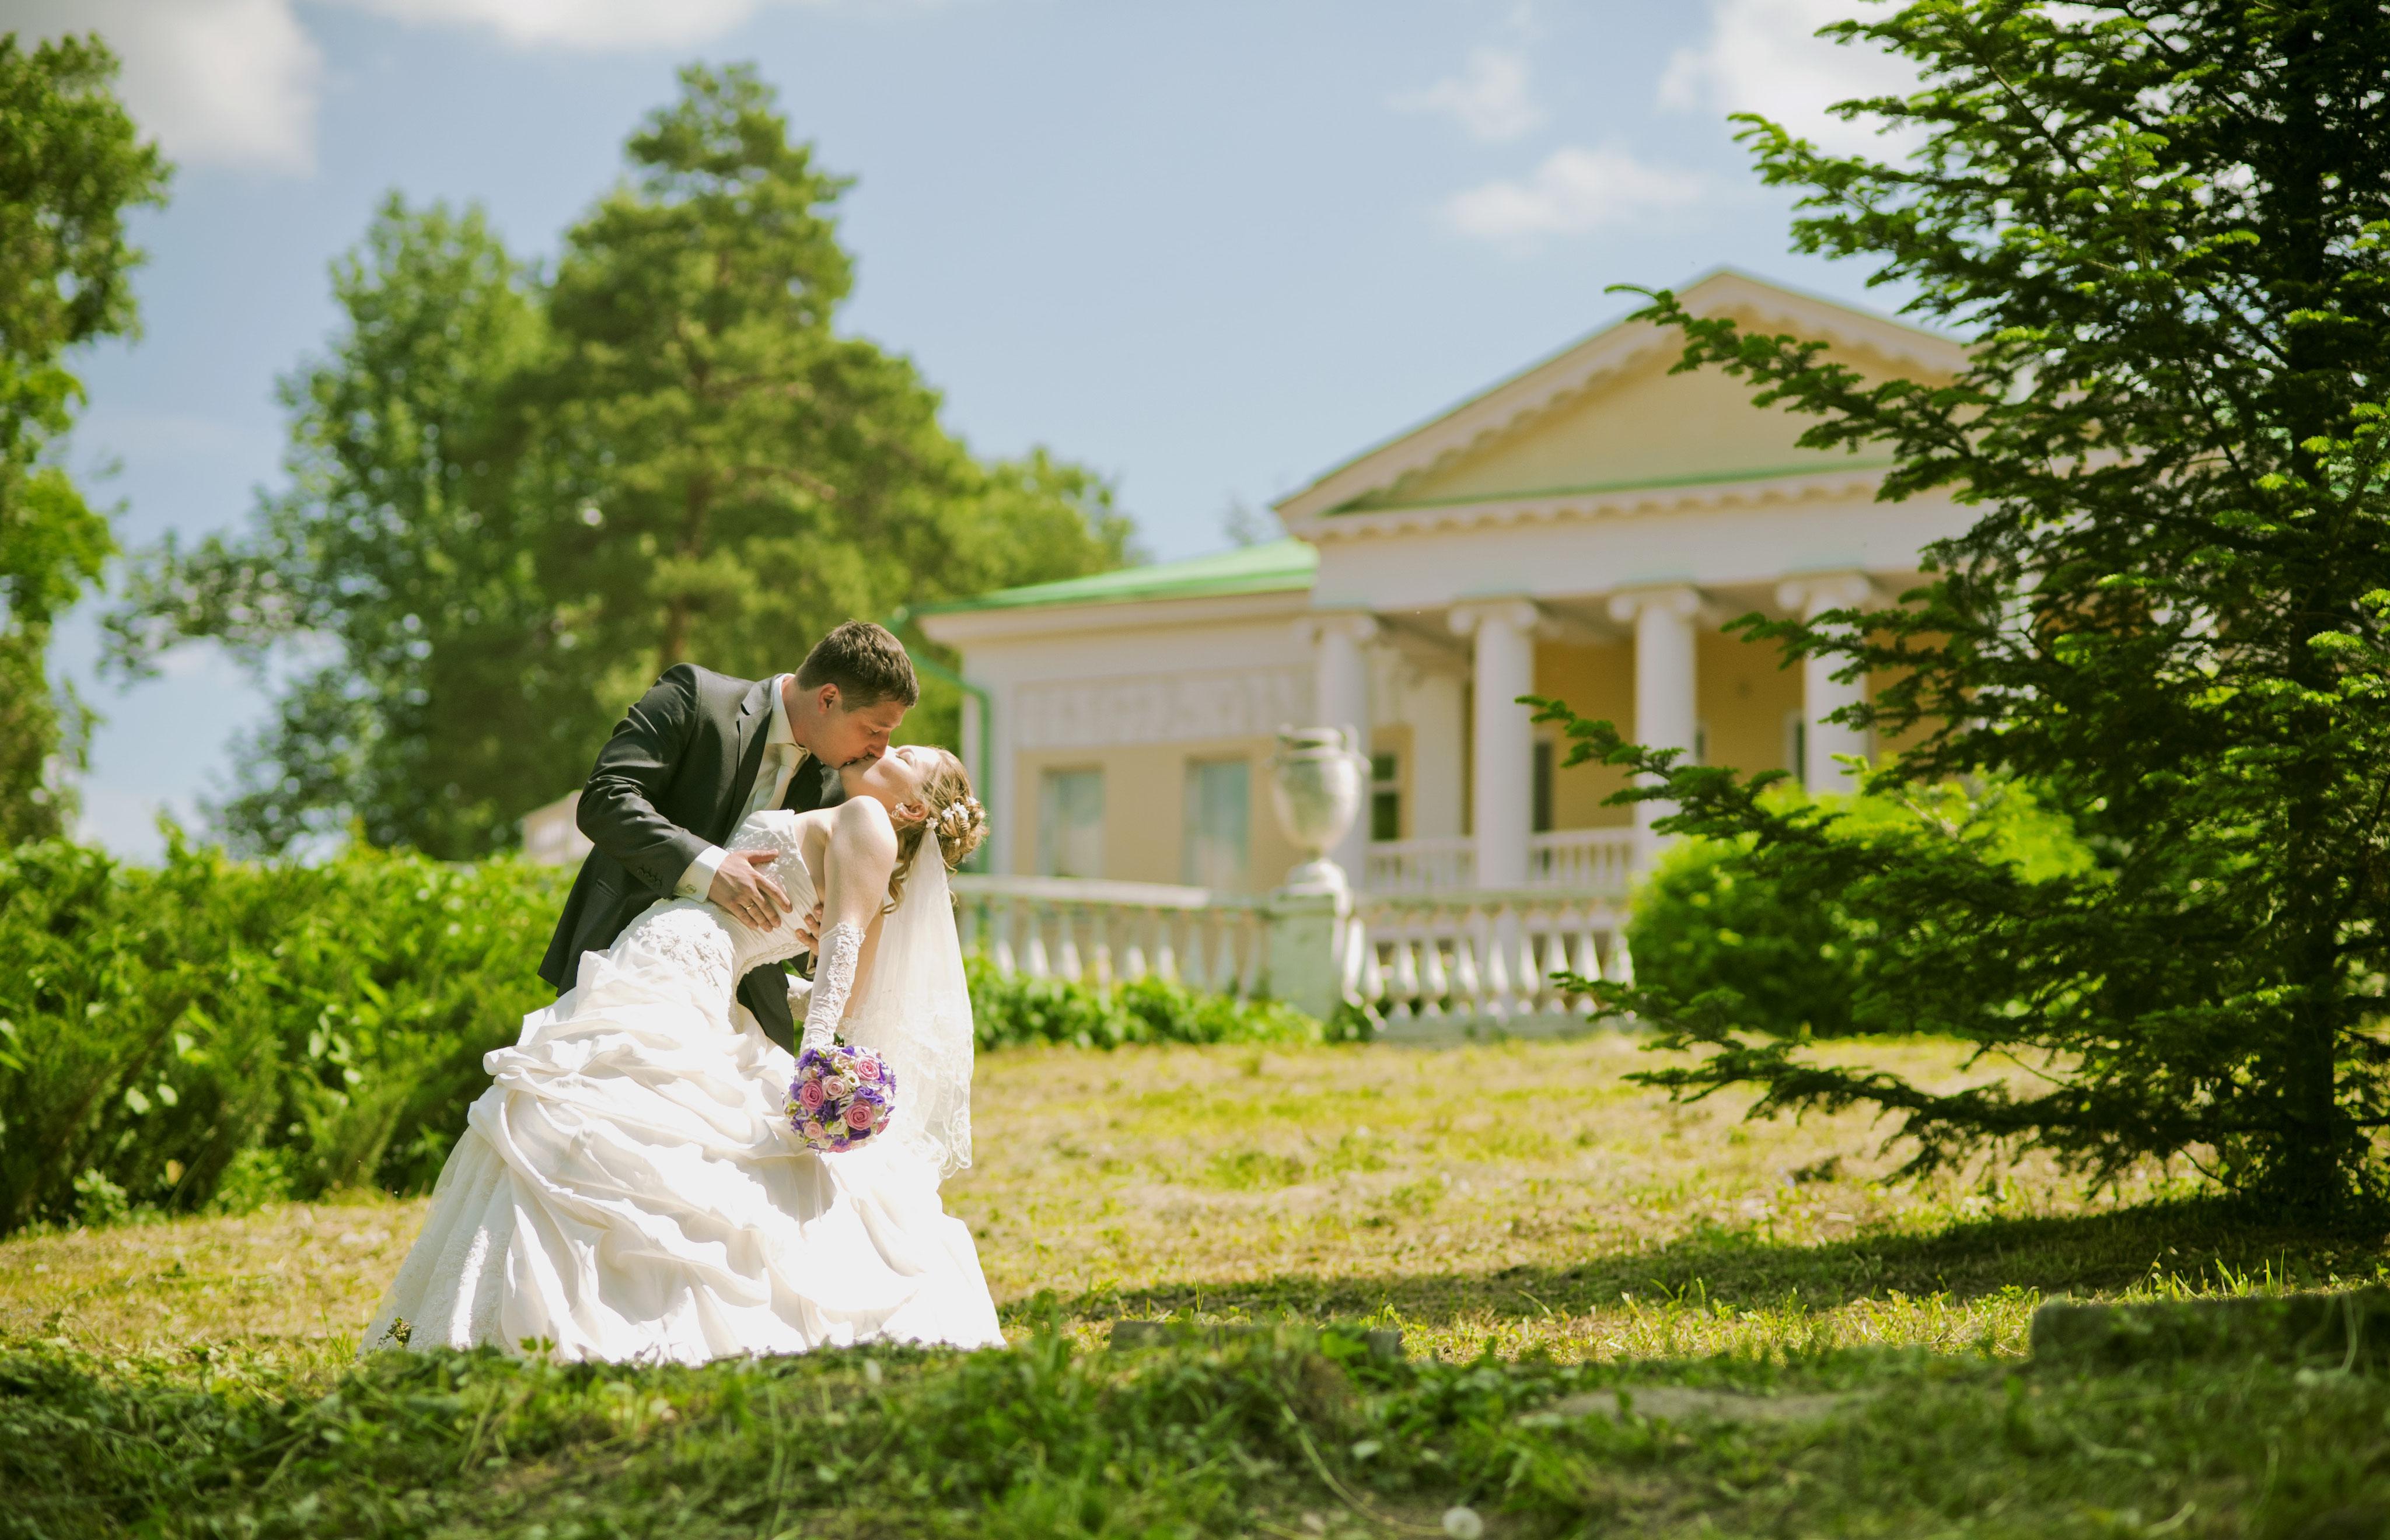 попадался где в курске пофотографироваться на свадьбу правила запрещают